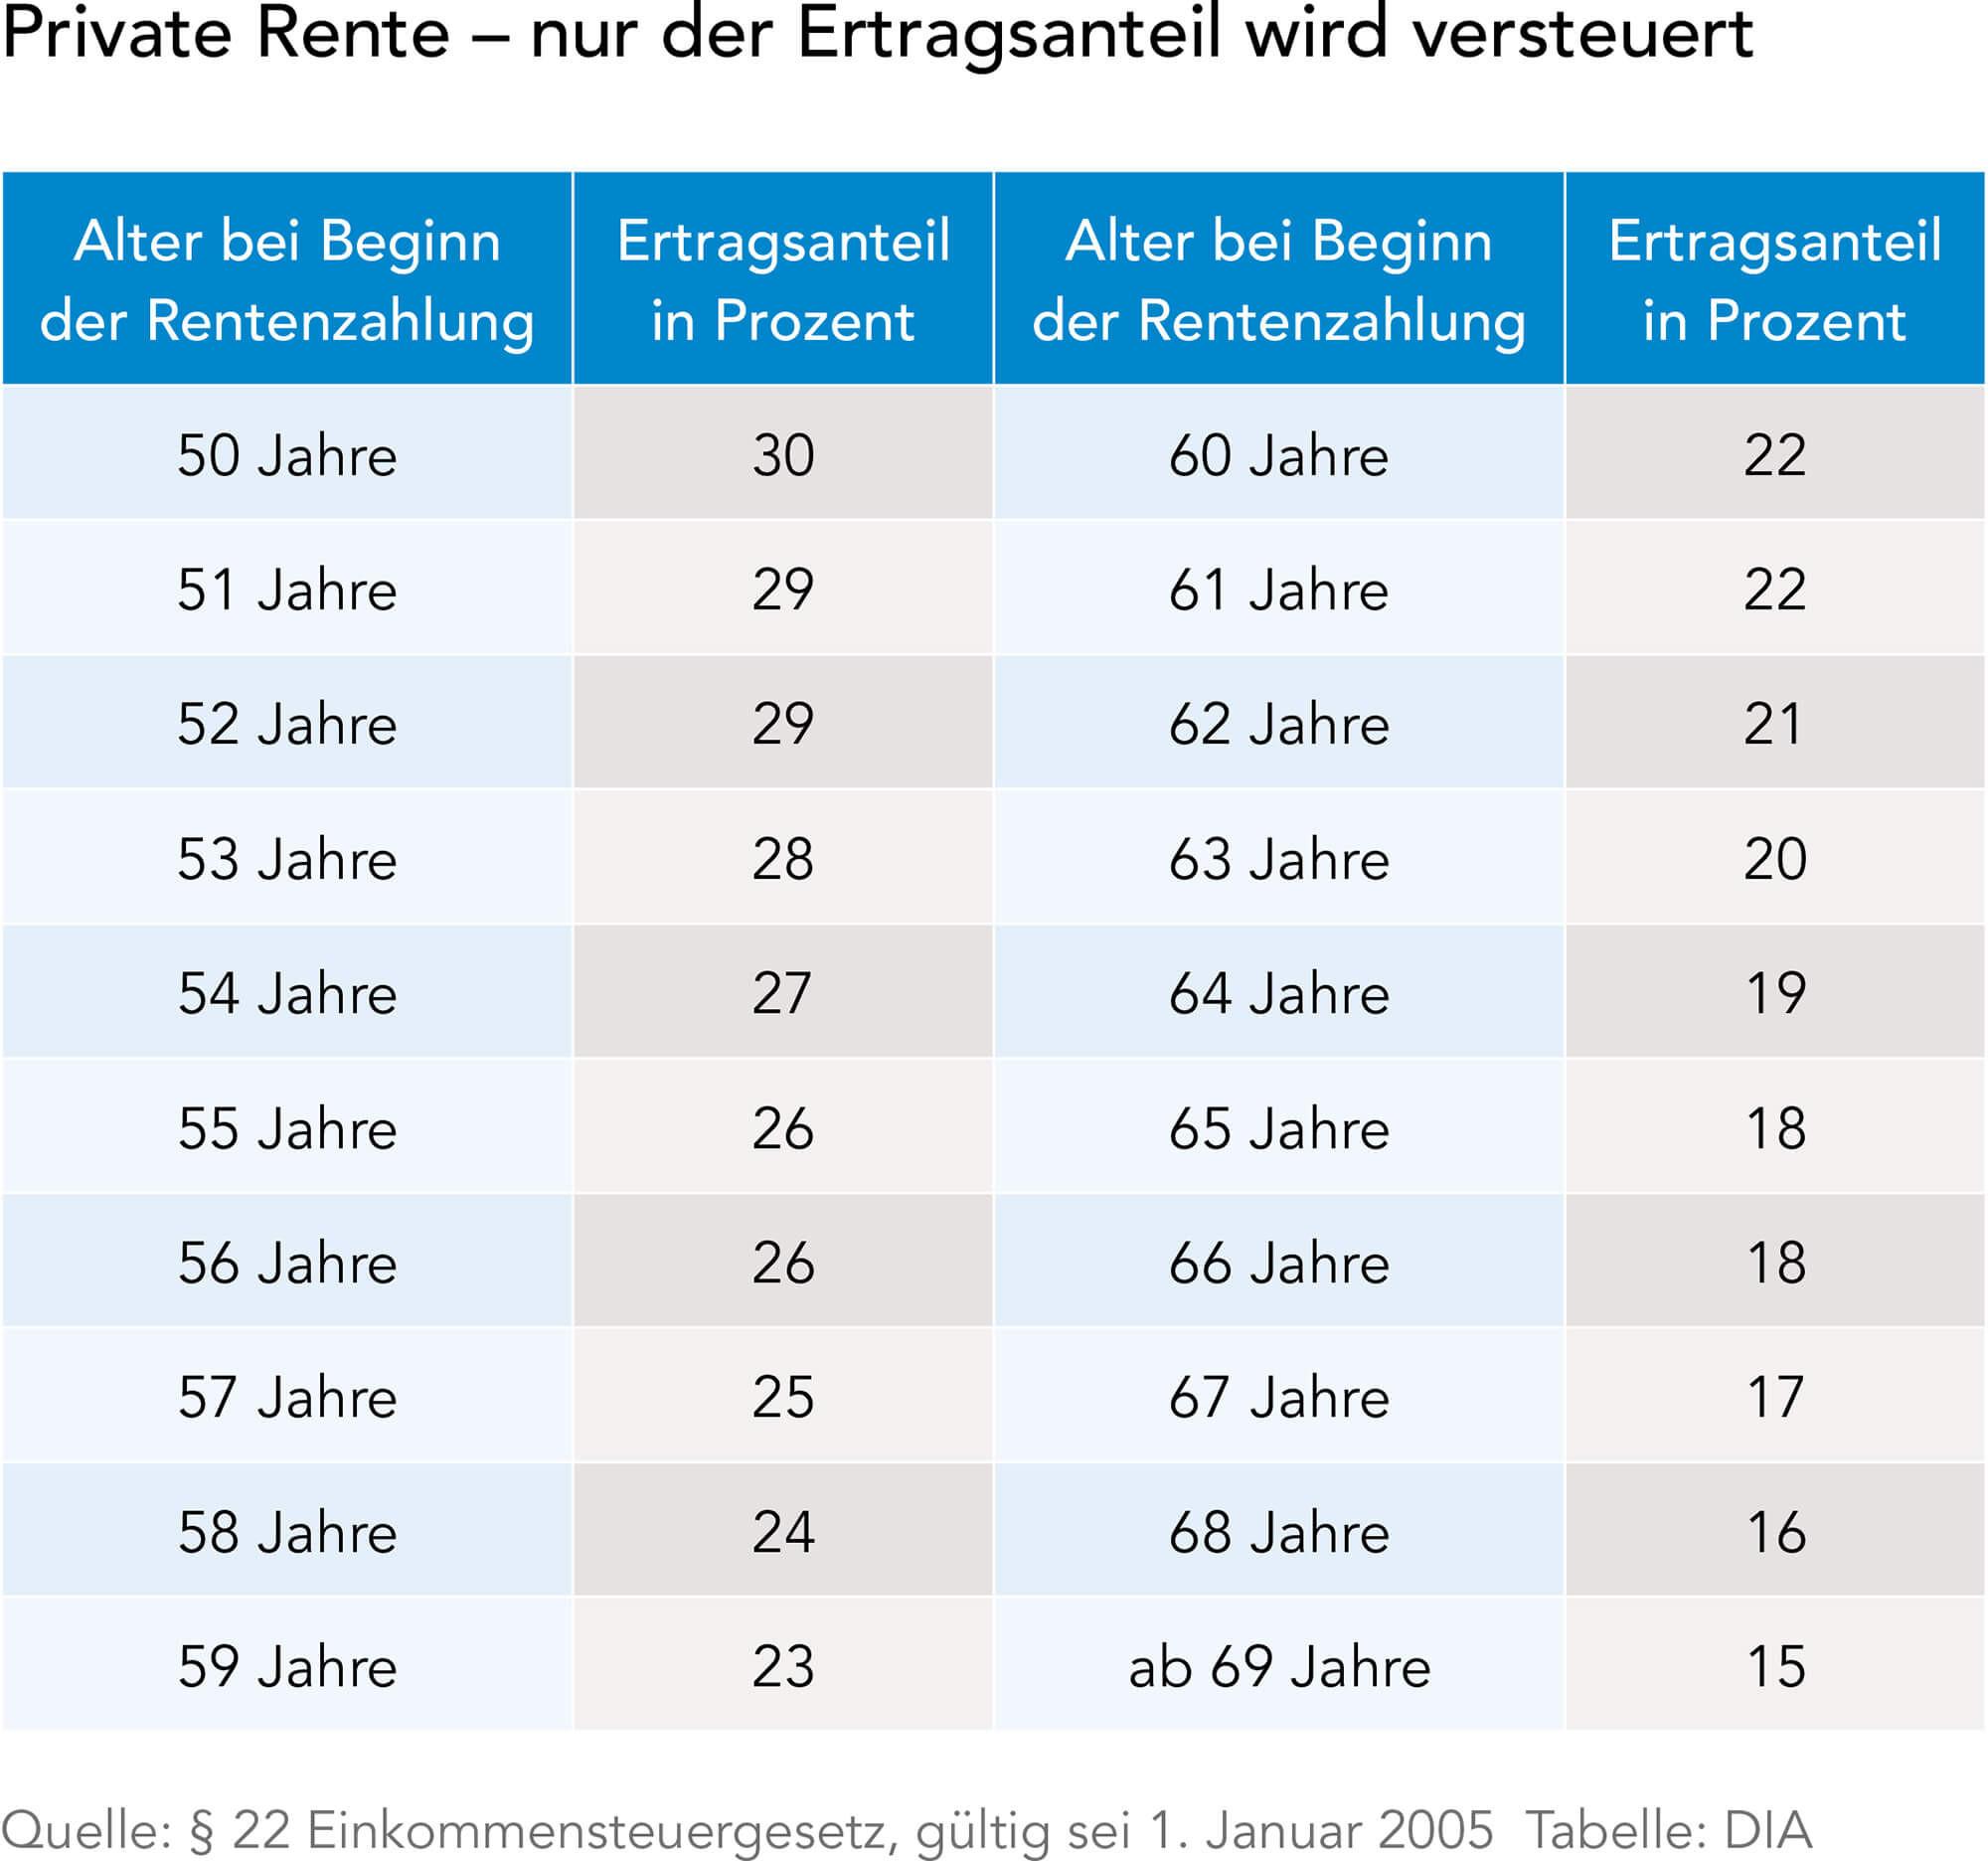 Ertragsanteilsbesteuerung Tabelle  Altersvorsorge und Steuern DIA Altersvorsorge